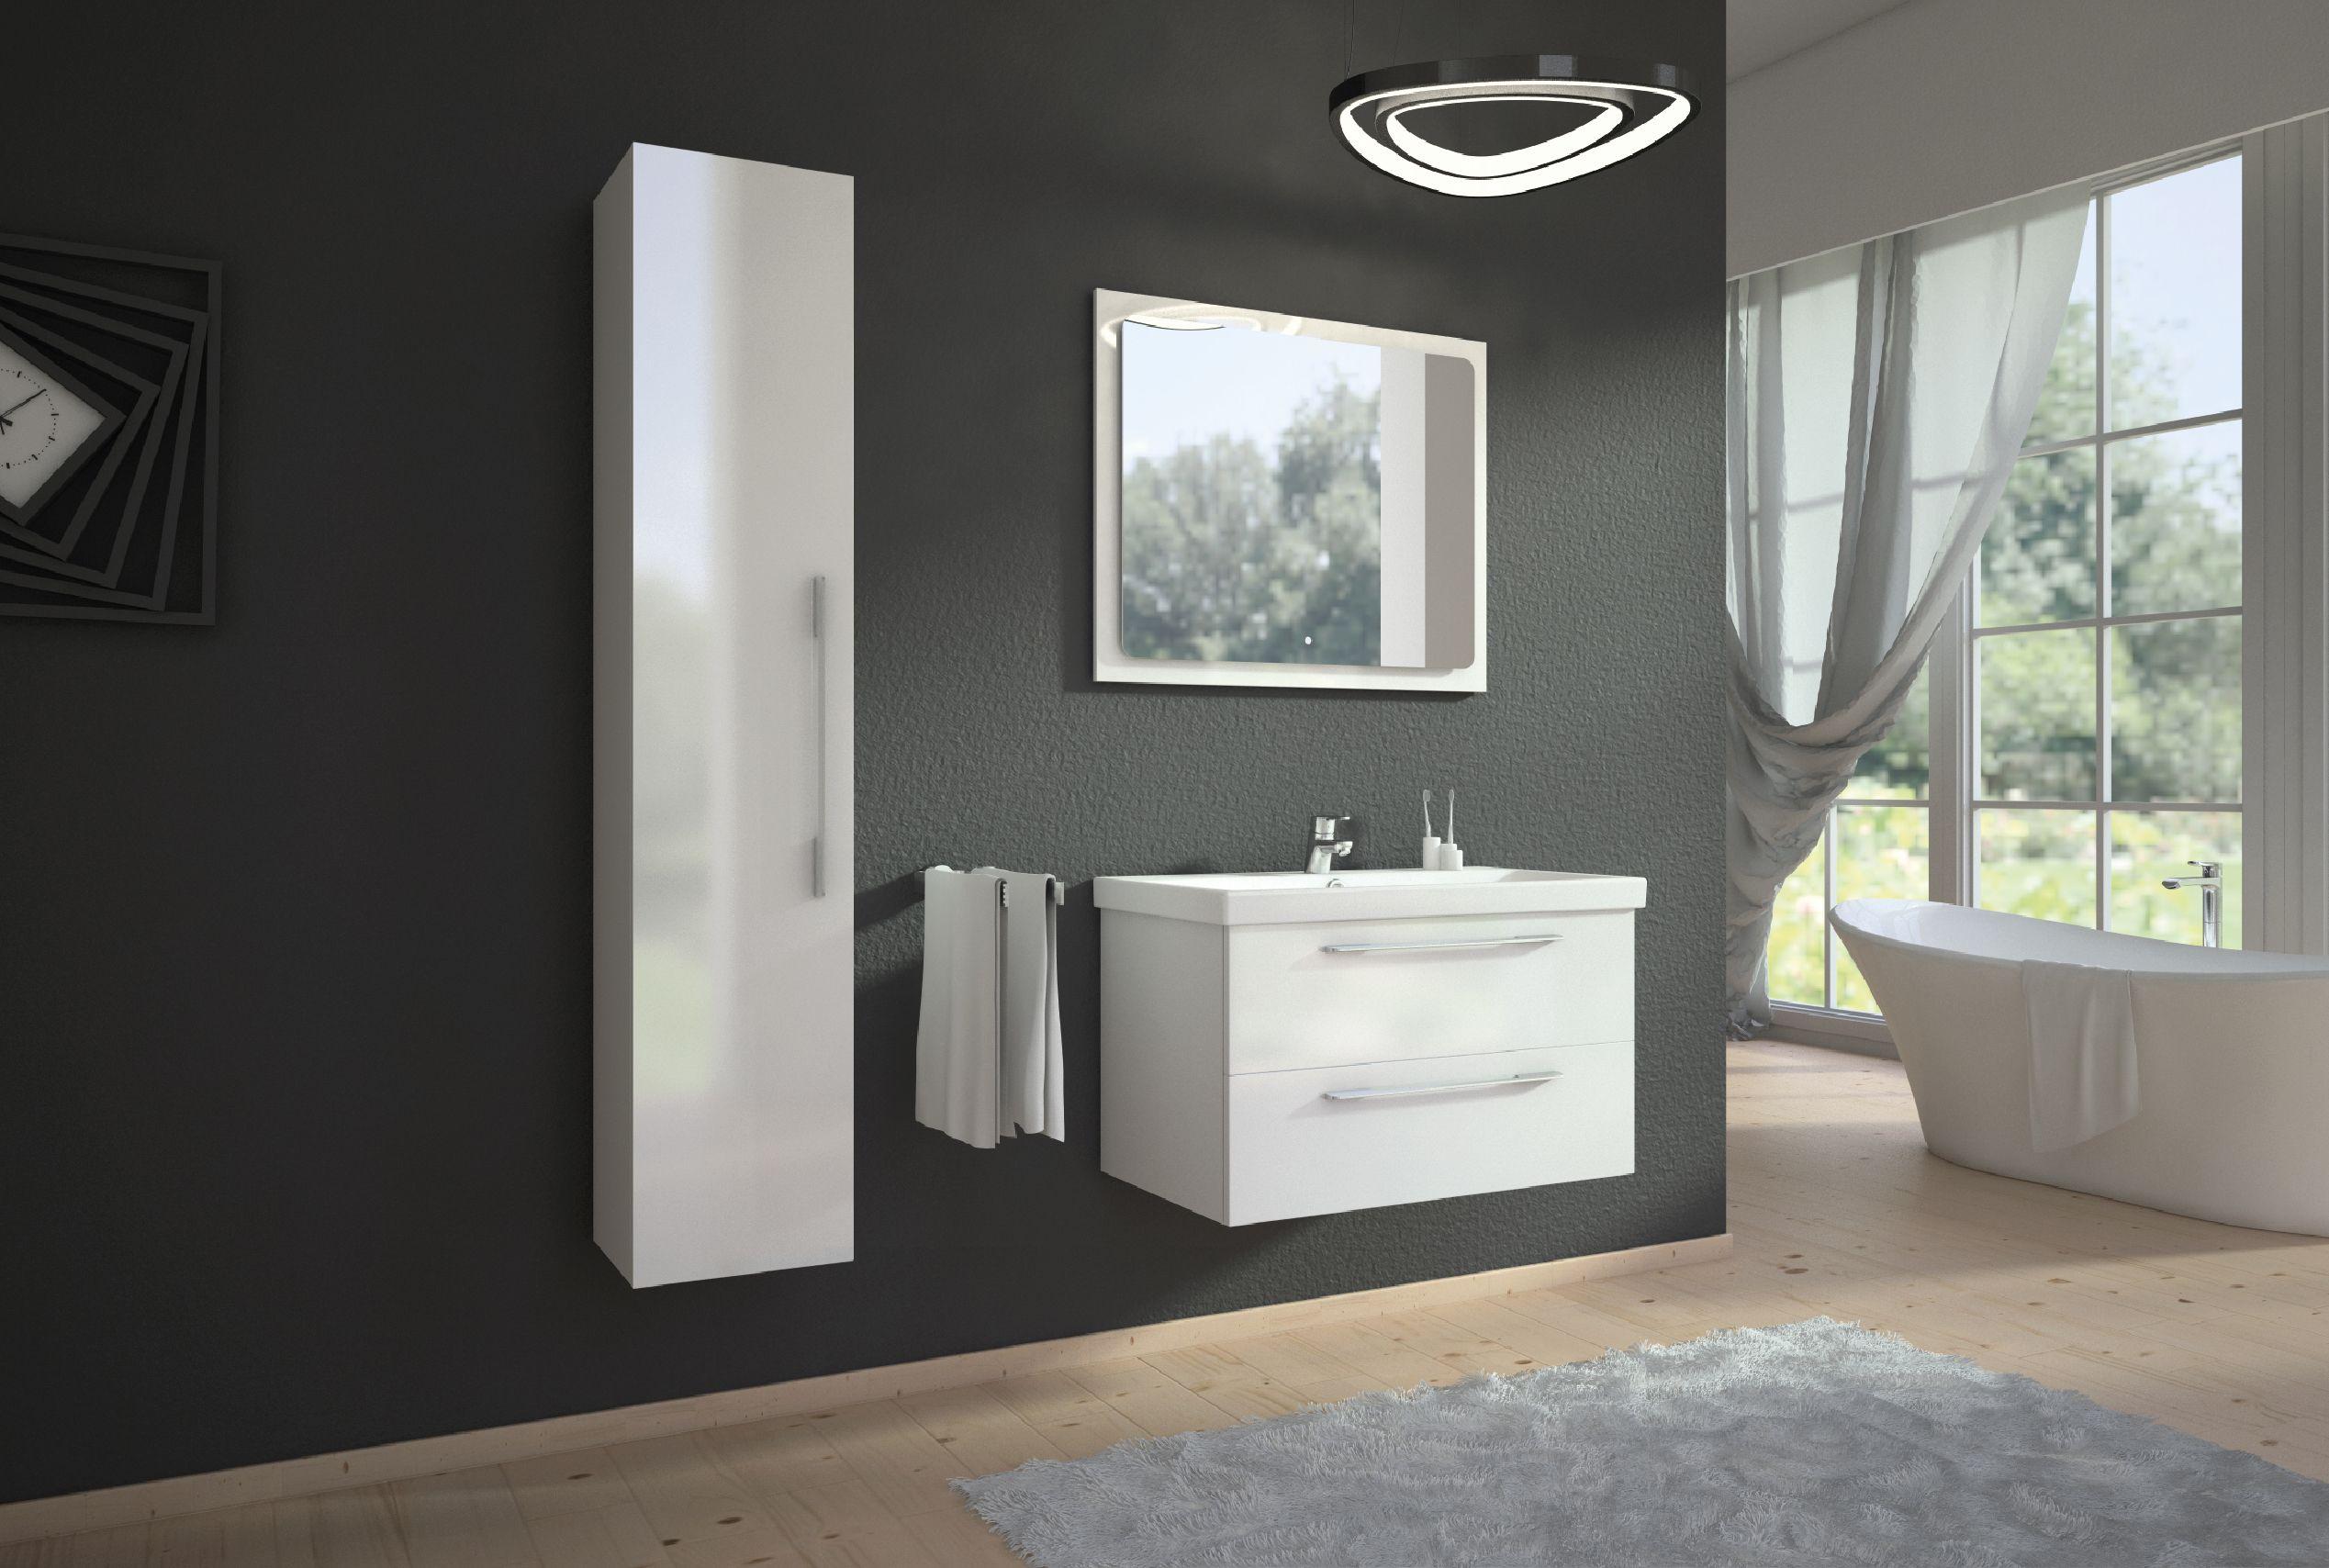 W Swoich Lazienkach Stawiacie Na Modny Minimalizm Czy Wolicie Raczej Maksymalistyczne Podejscie Do Urza Lighted Bathroom Mirror Bathroom Mirror Bathroom Vanity